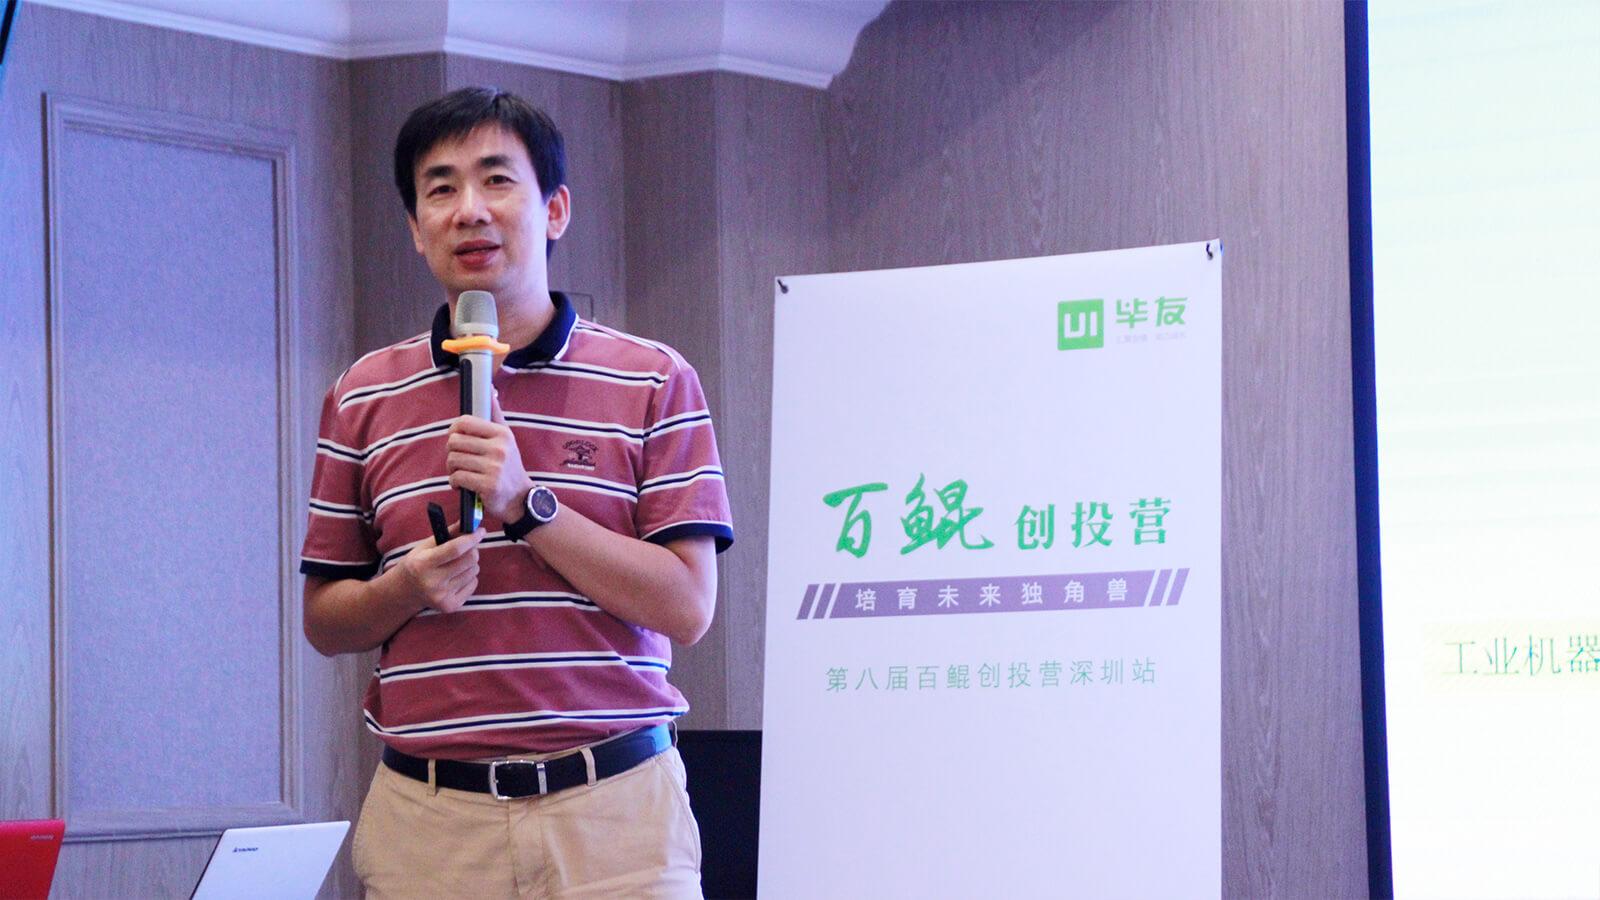 百鲲创投营DAY1:中国科技创新趋势及机遇